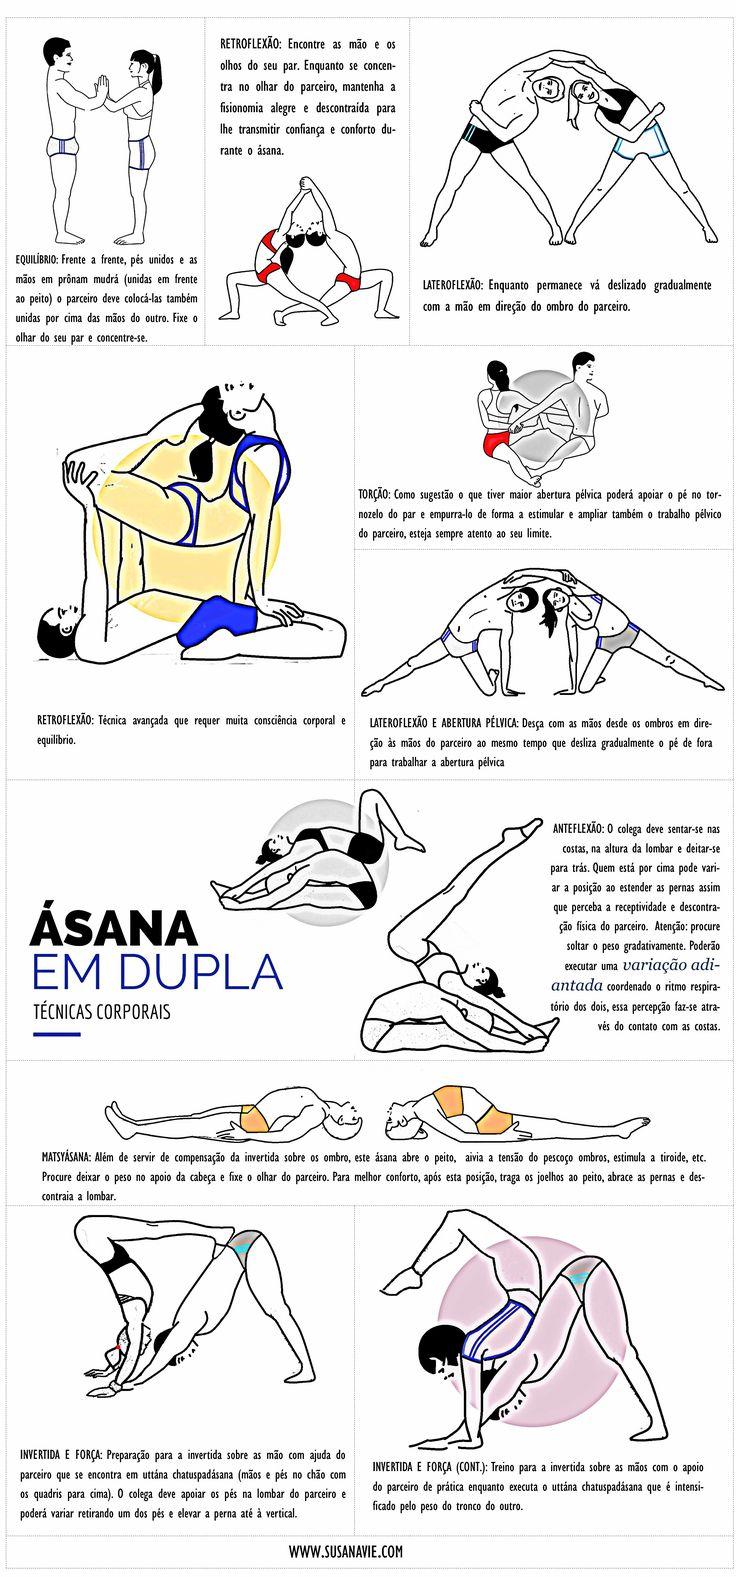 yoga asana em dupla acroyoga pares pareja couples ioga